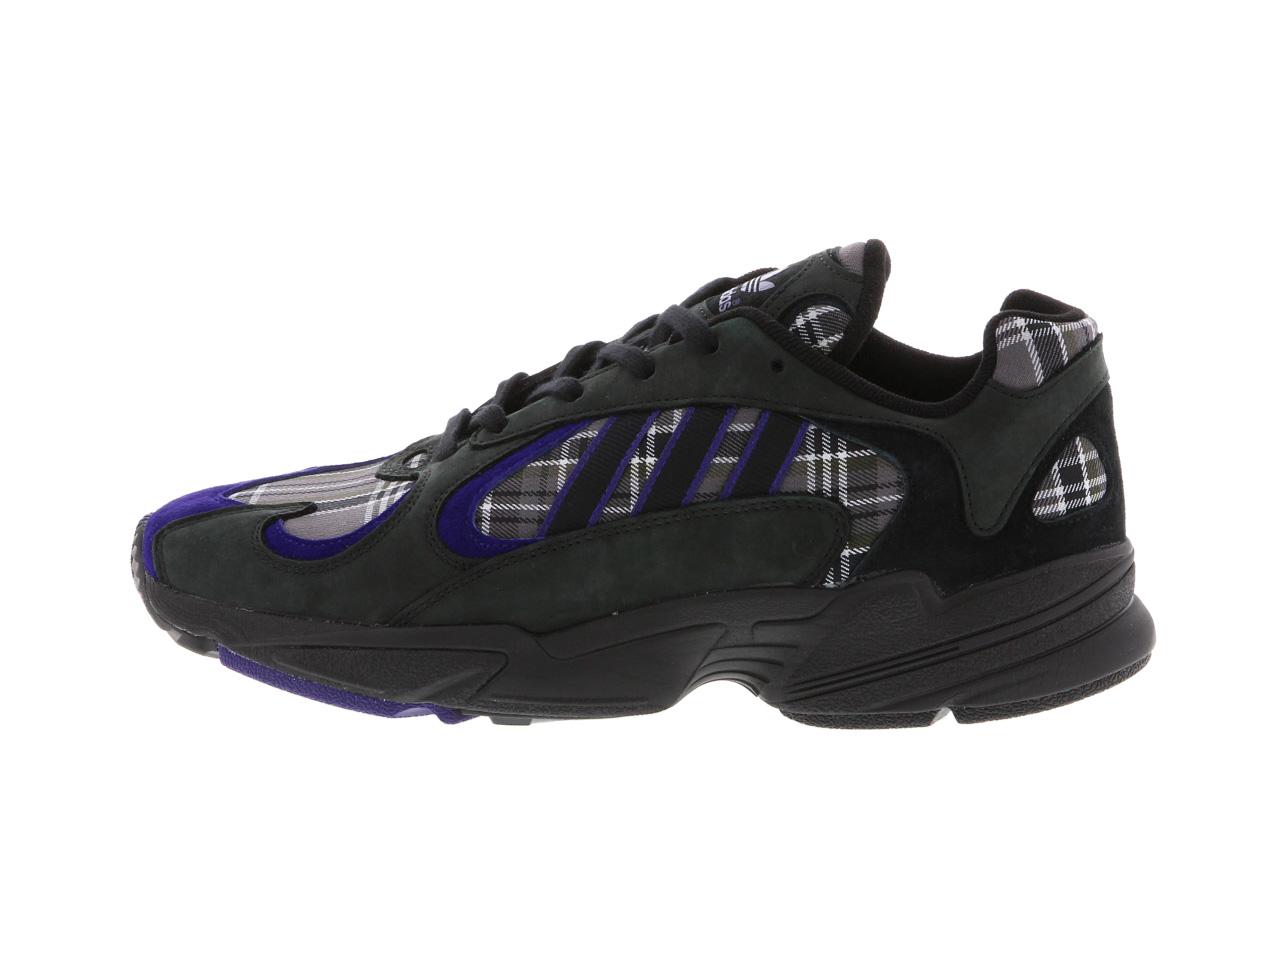 【全品ポイント10倍!期間限定★今すぐエントリー!(4/1~4/30)】【OUTLET特価】adidas YUNG-1(EF3965)【アディダス ヤング1】【メンズファッション】【シューズ】【スニーカー】【靴】【フットウェア】